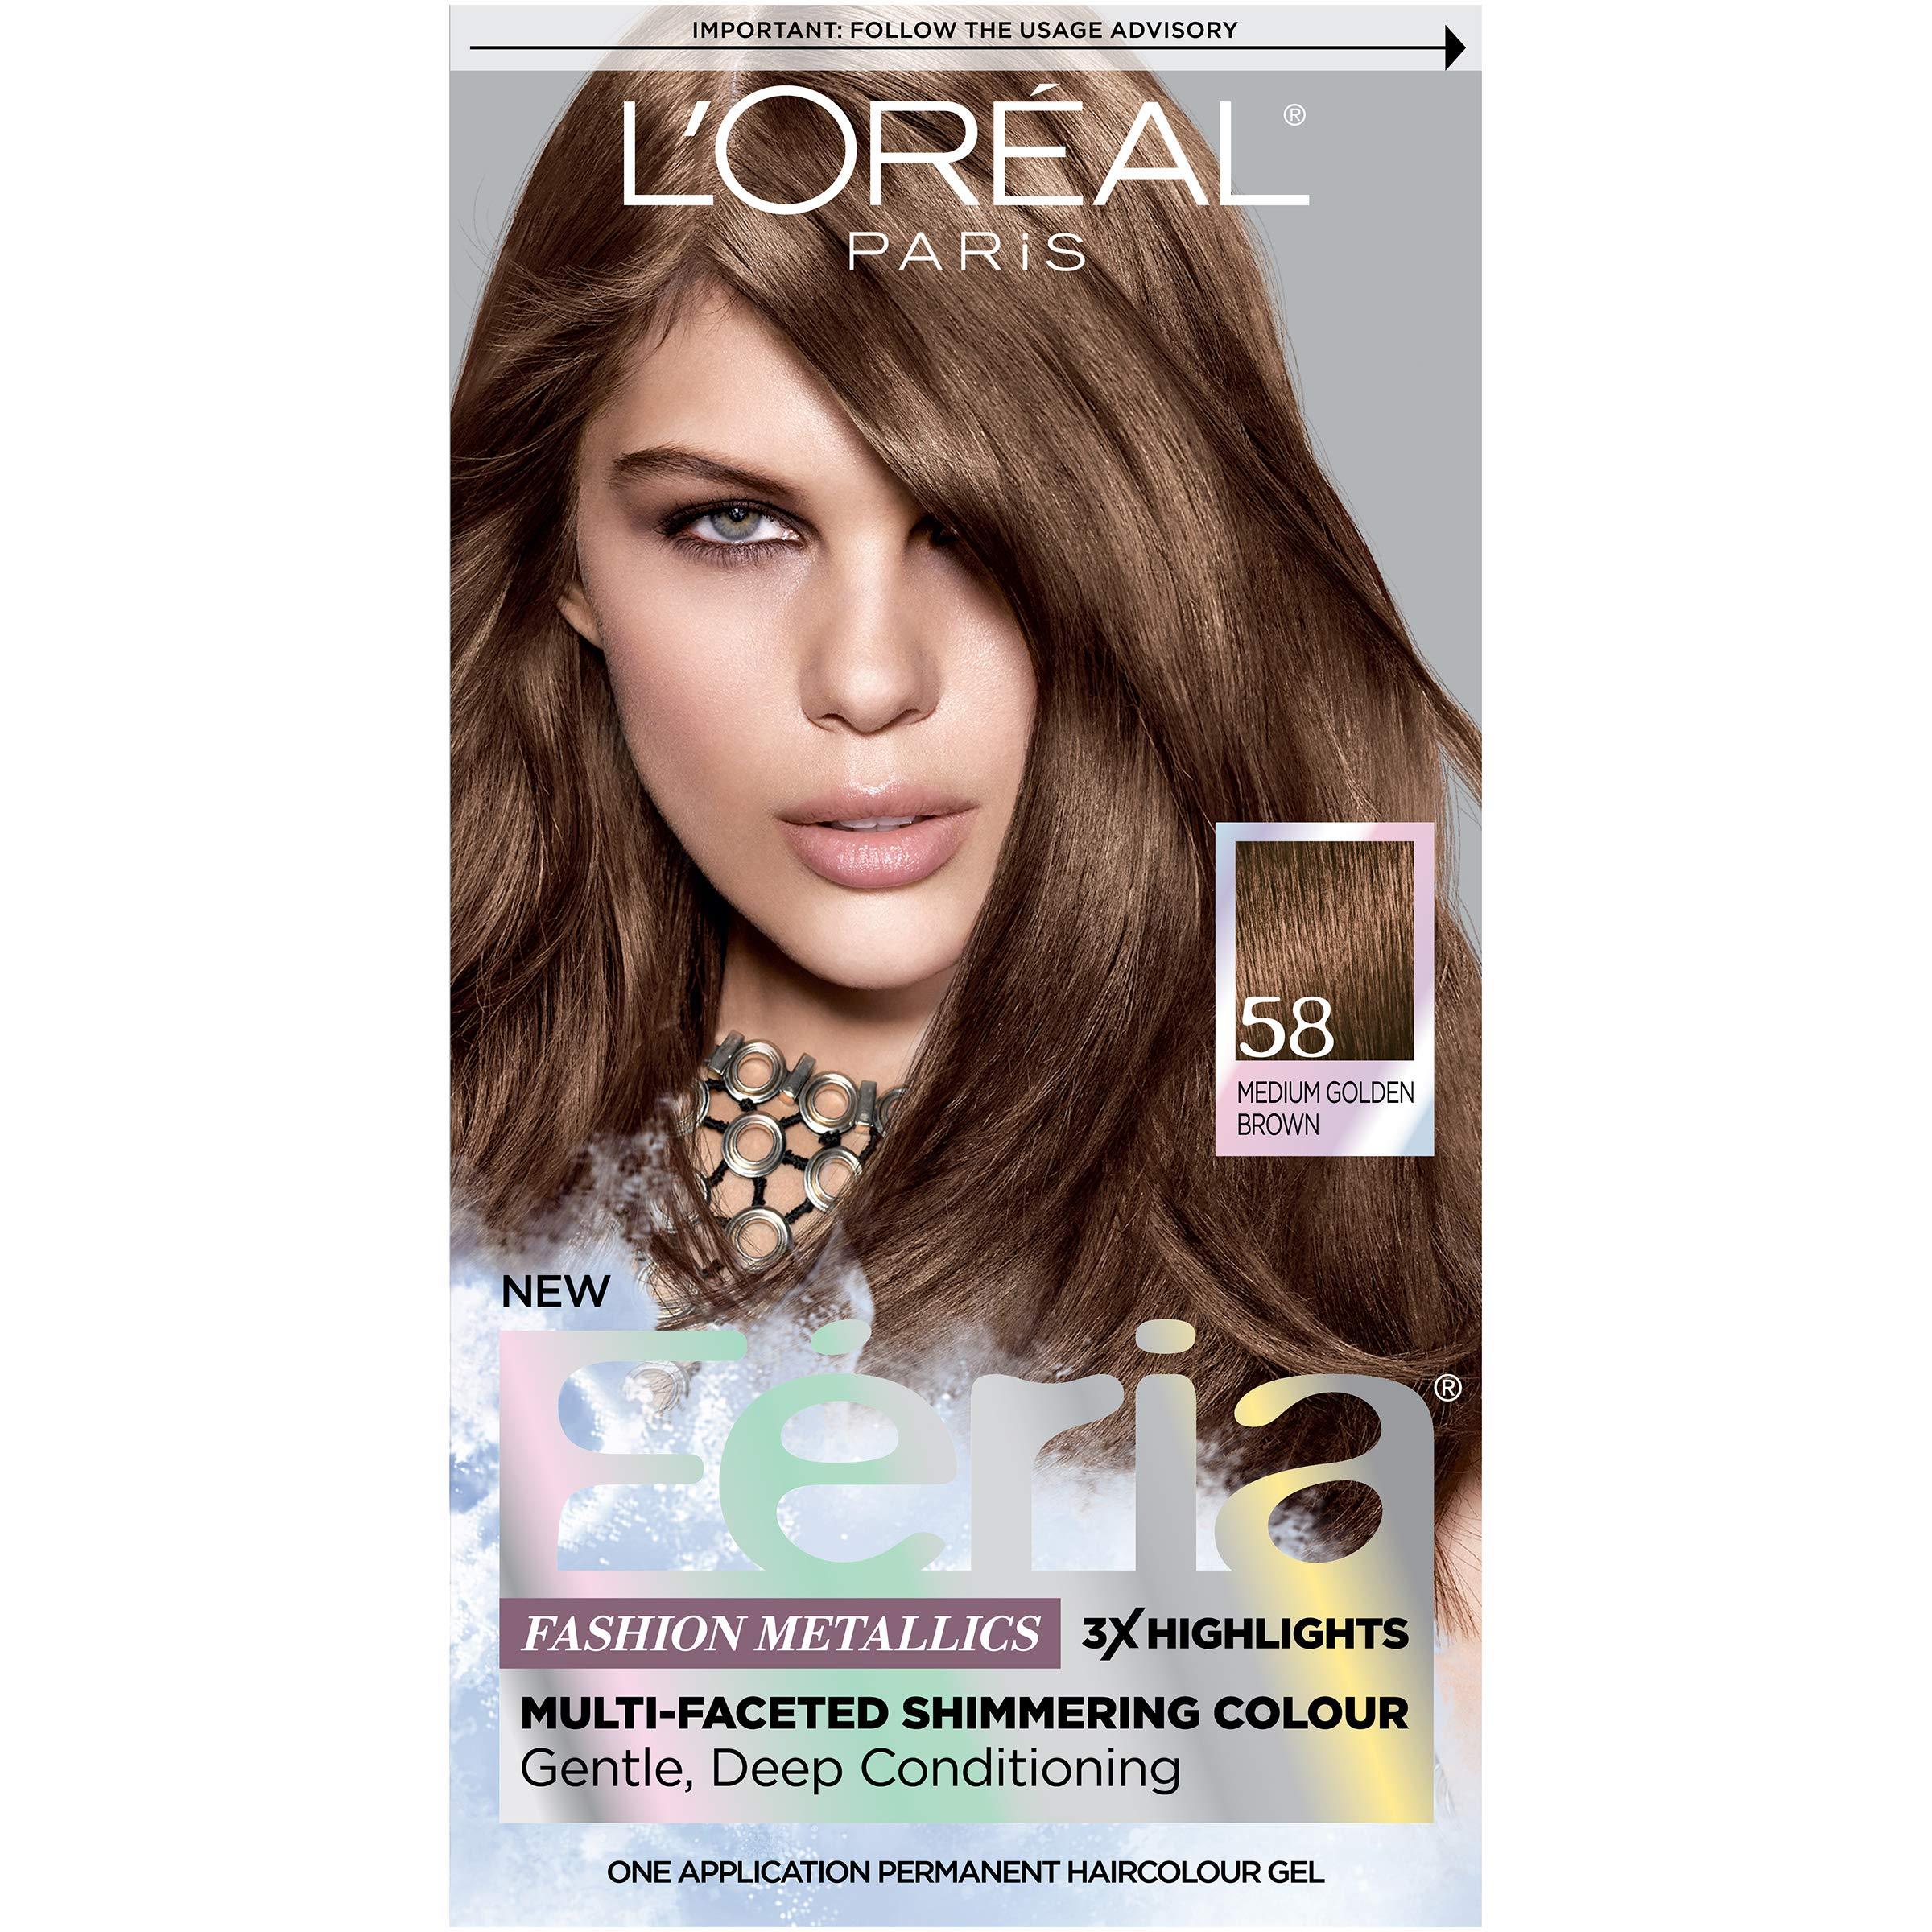 Amazon Loral Paris Feria Permanent Hair Color 51 Brazilian